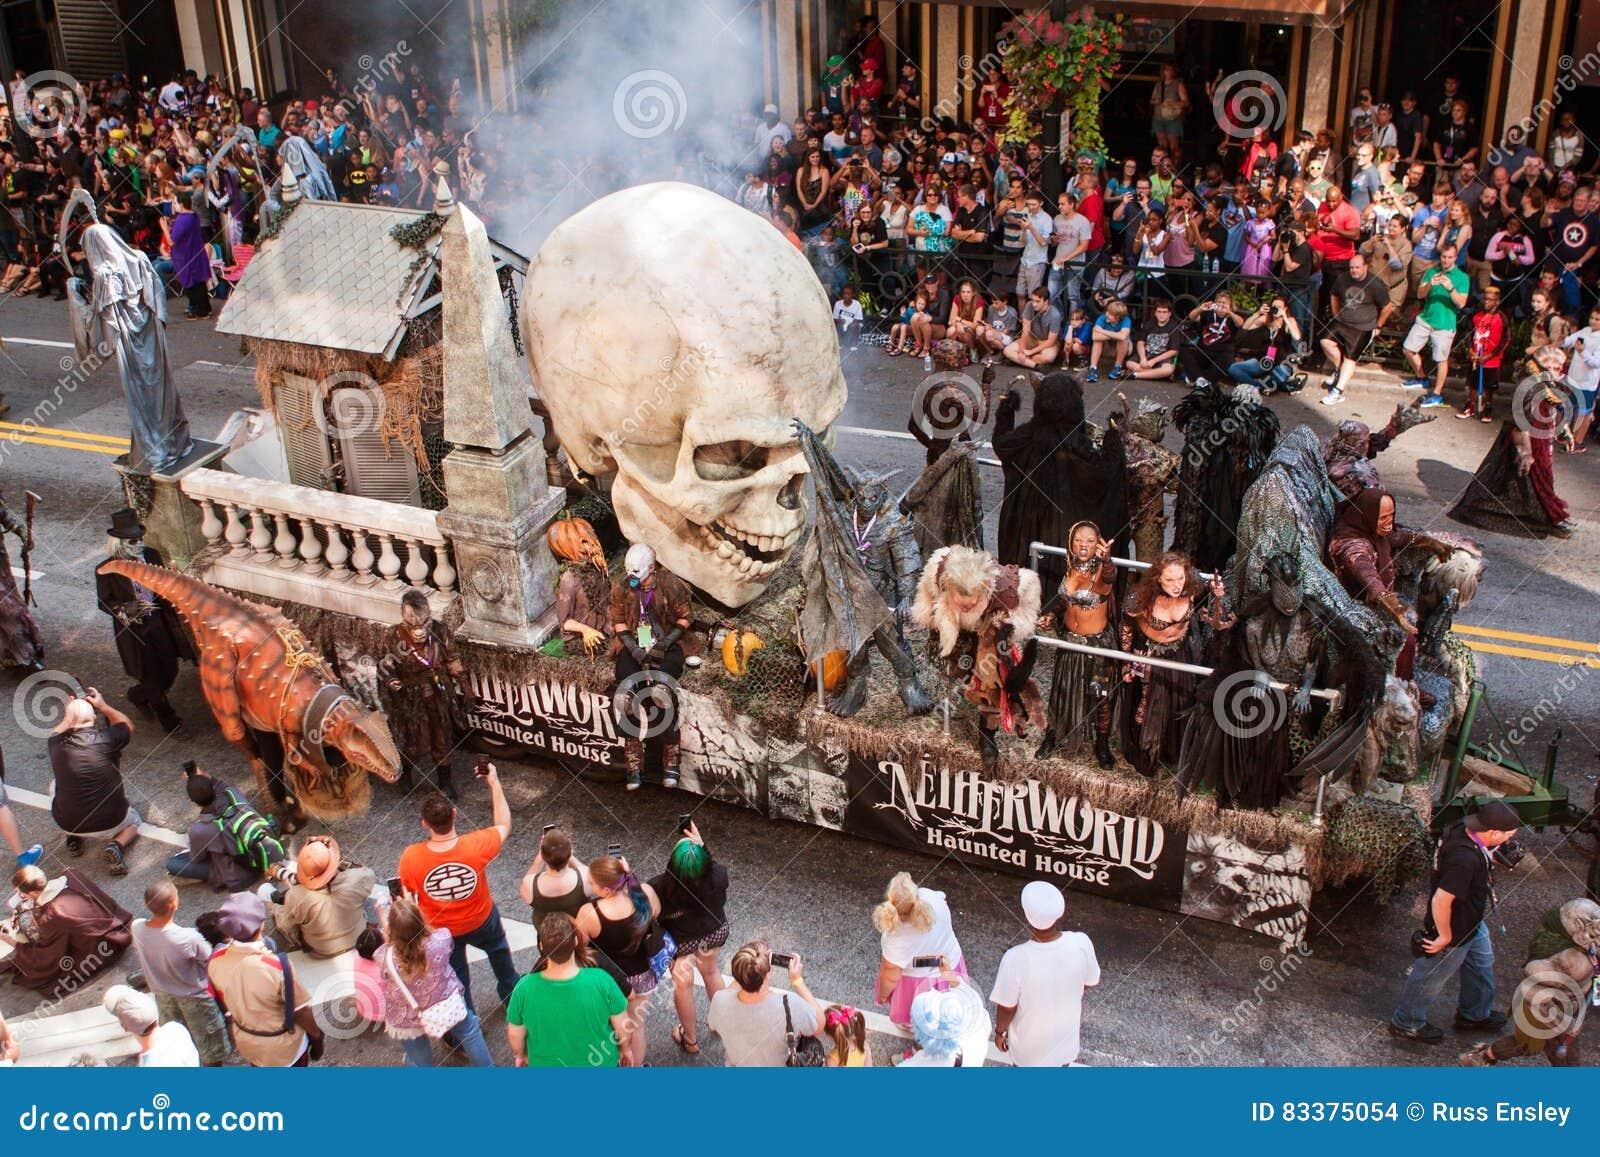 Il galleggiante che promuove la Camera frequentata si muove attraverso Atlanta Dragon Con Parade